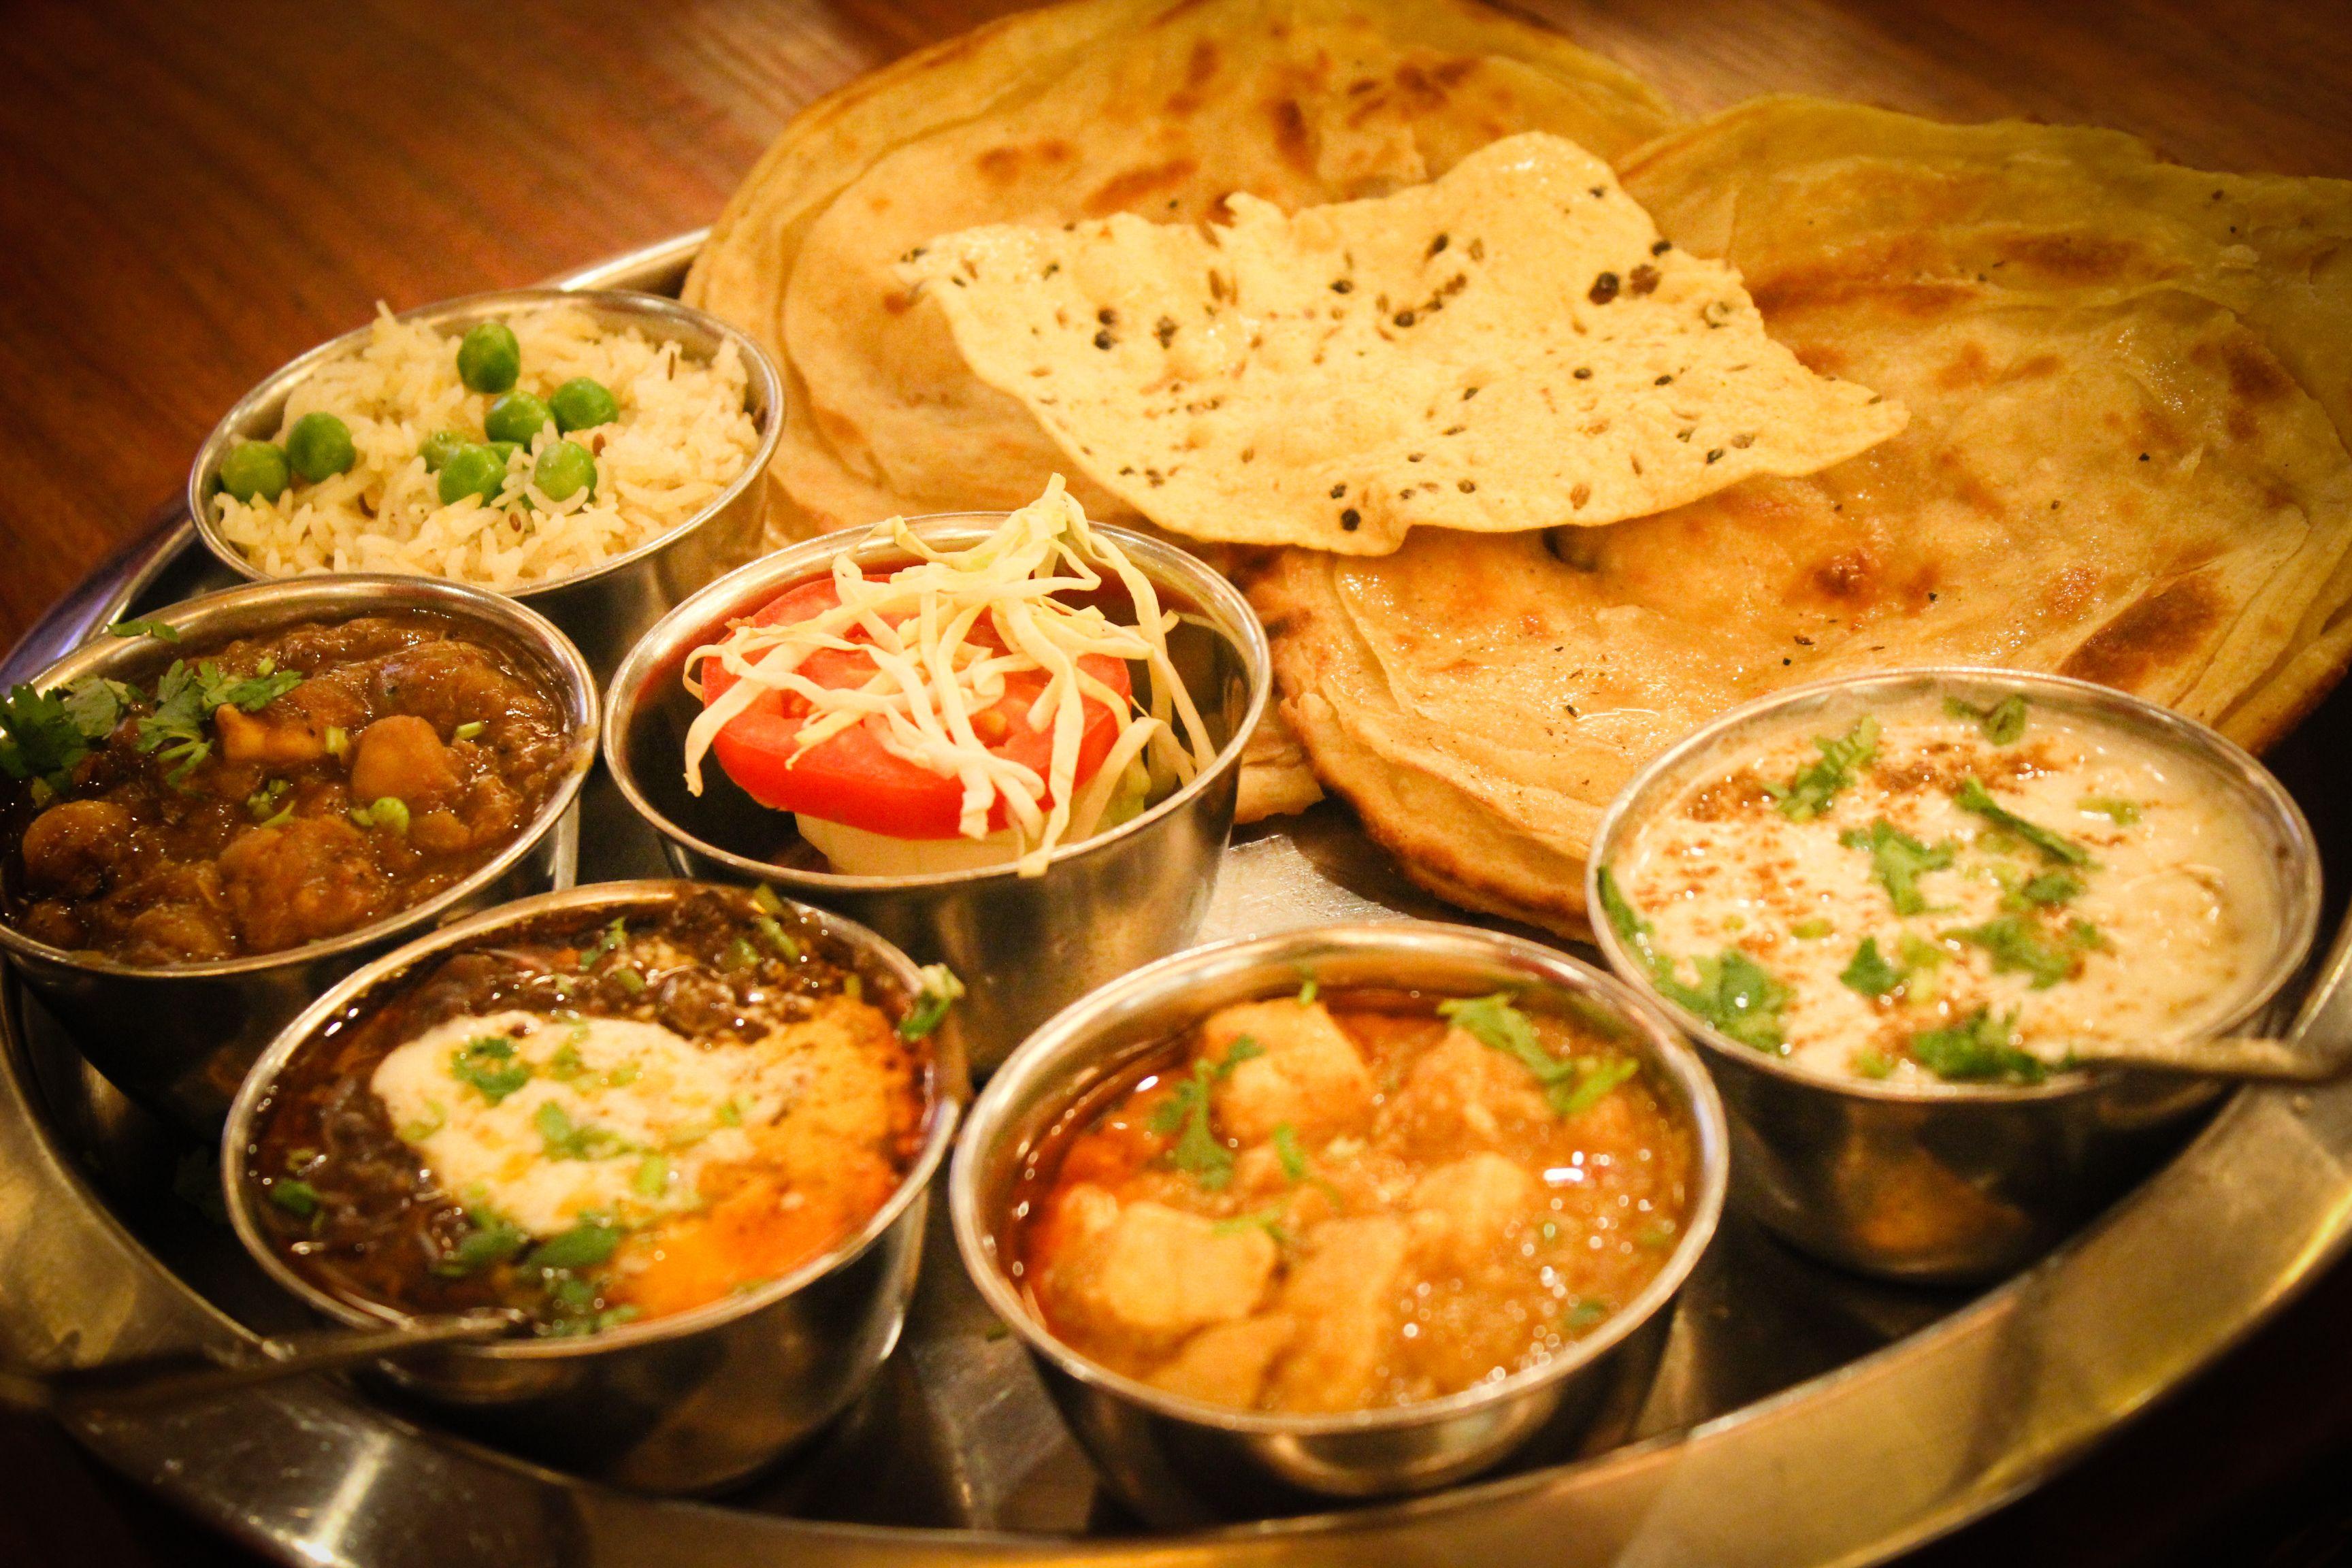 punjabi-food-amritsar